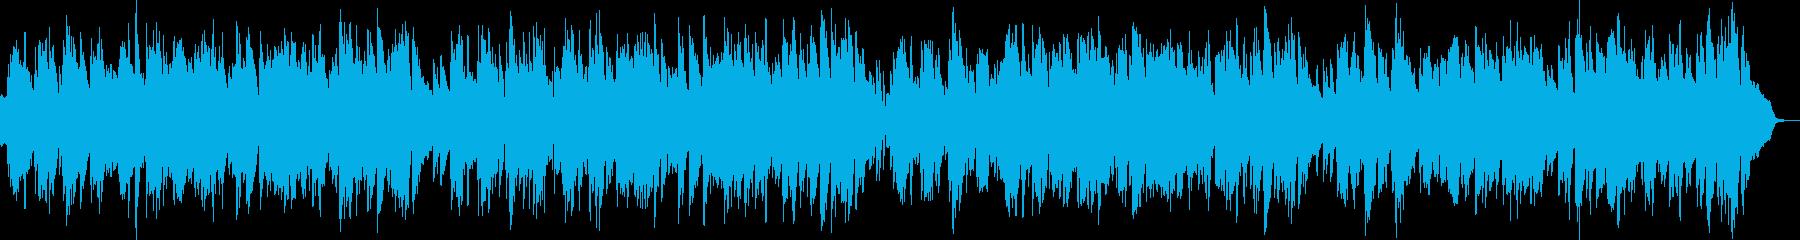 2台のピアノ生演奏ハッピーな変則ブルースの再生済みの波形